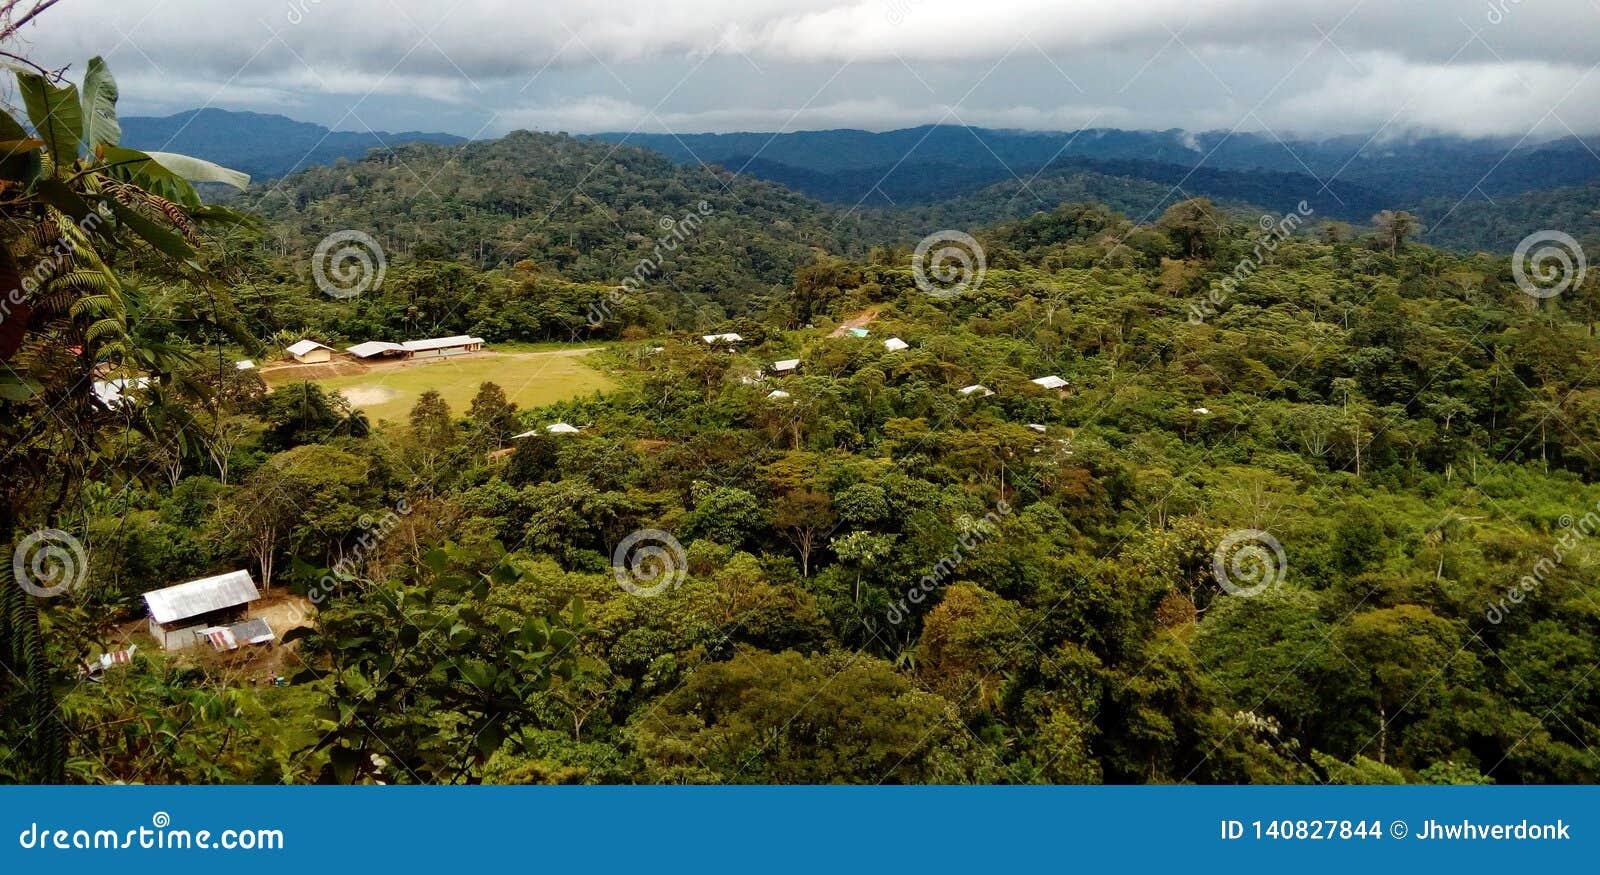 Vista regional de cabanas nativas em uma comunidade profundamente no amazone, Equador